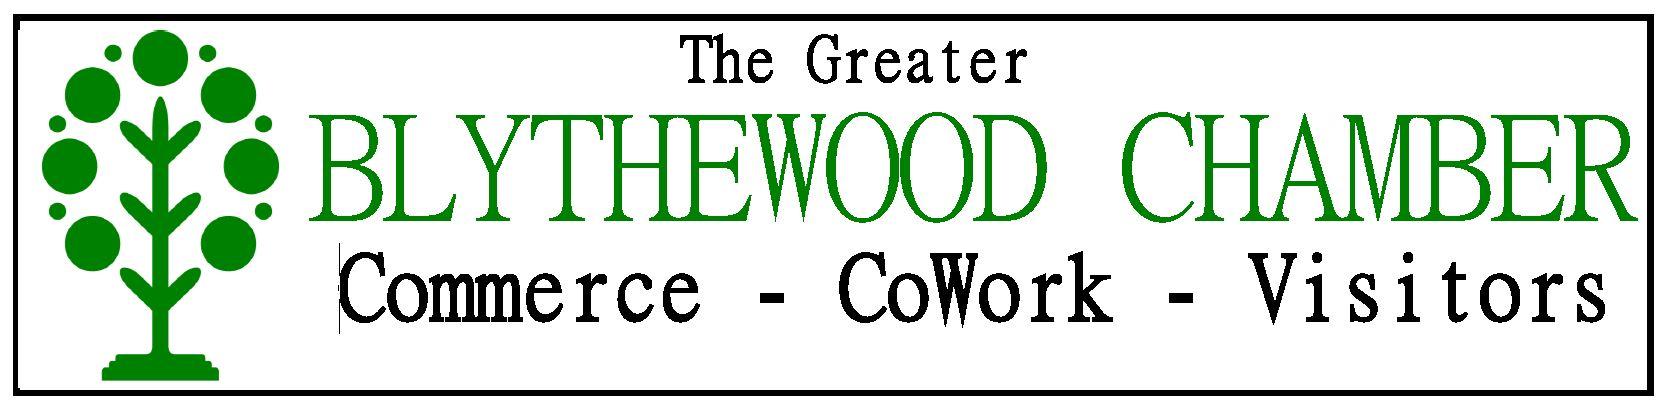 blythewood chamber